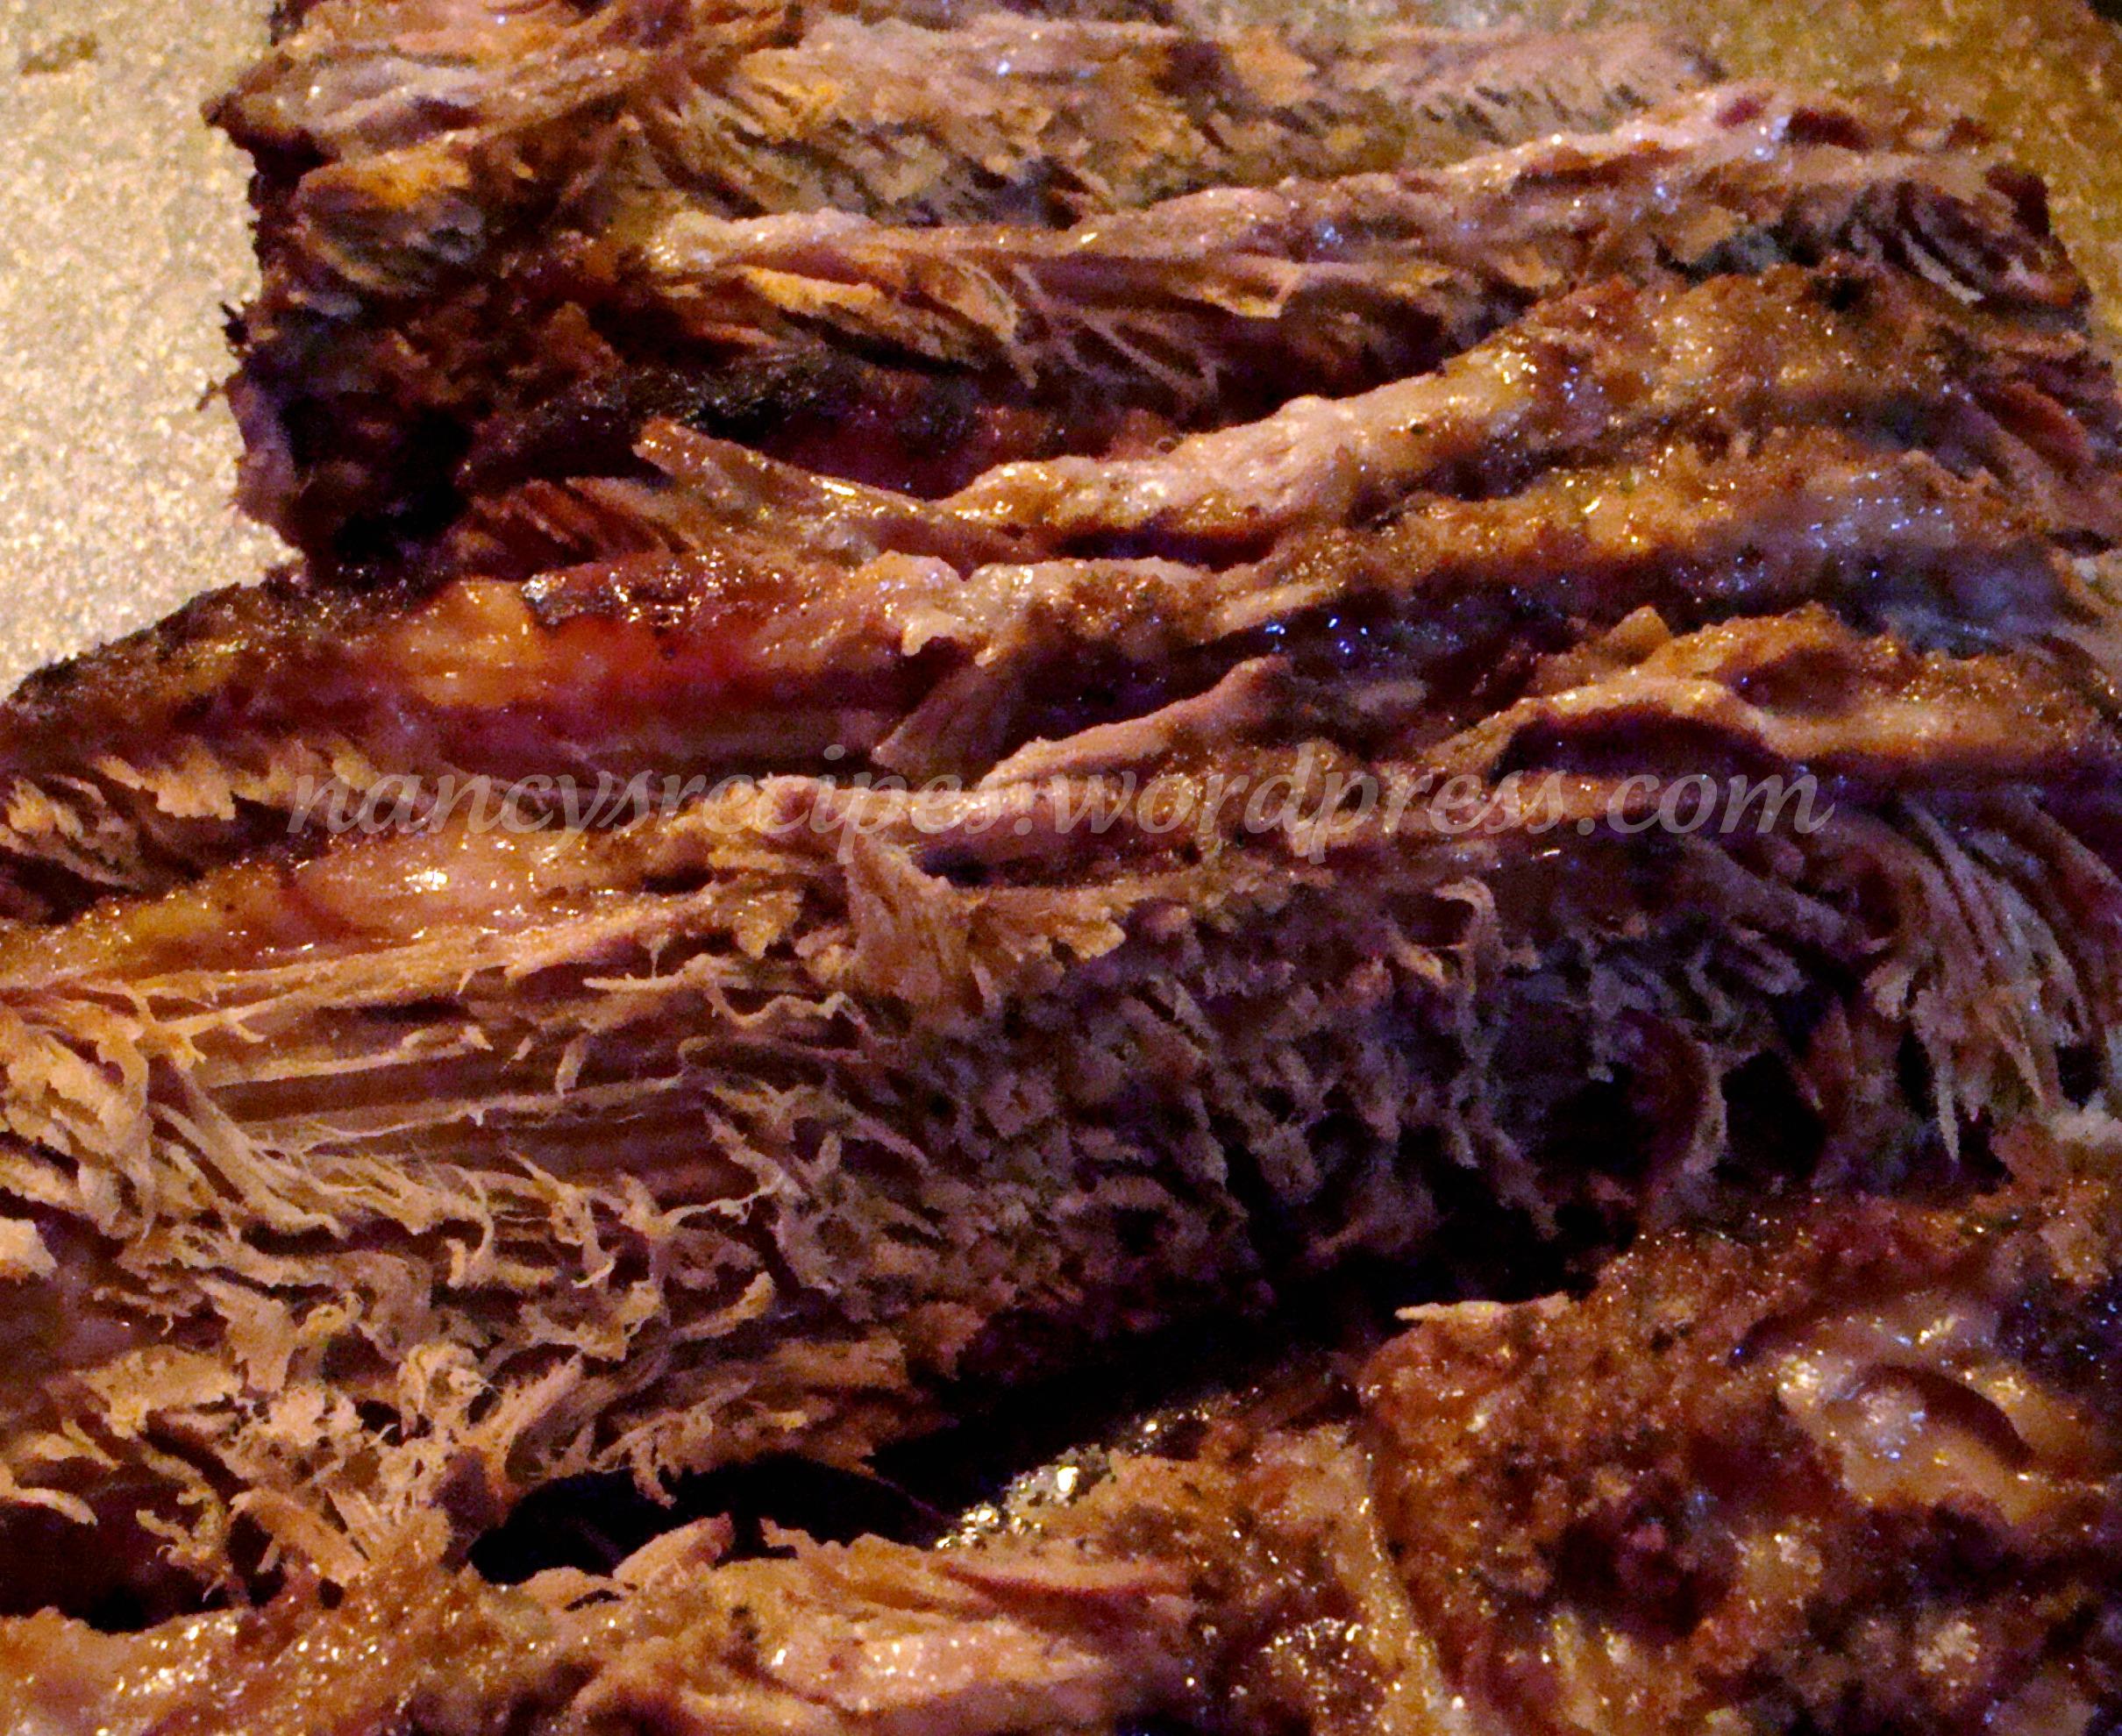 Best Wood Chips Smoking Brisket : Smoked brisket